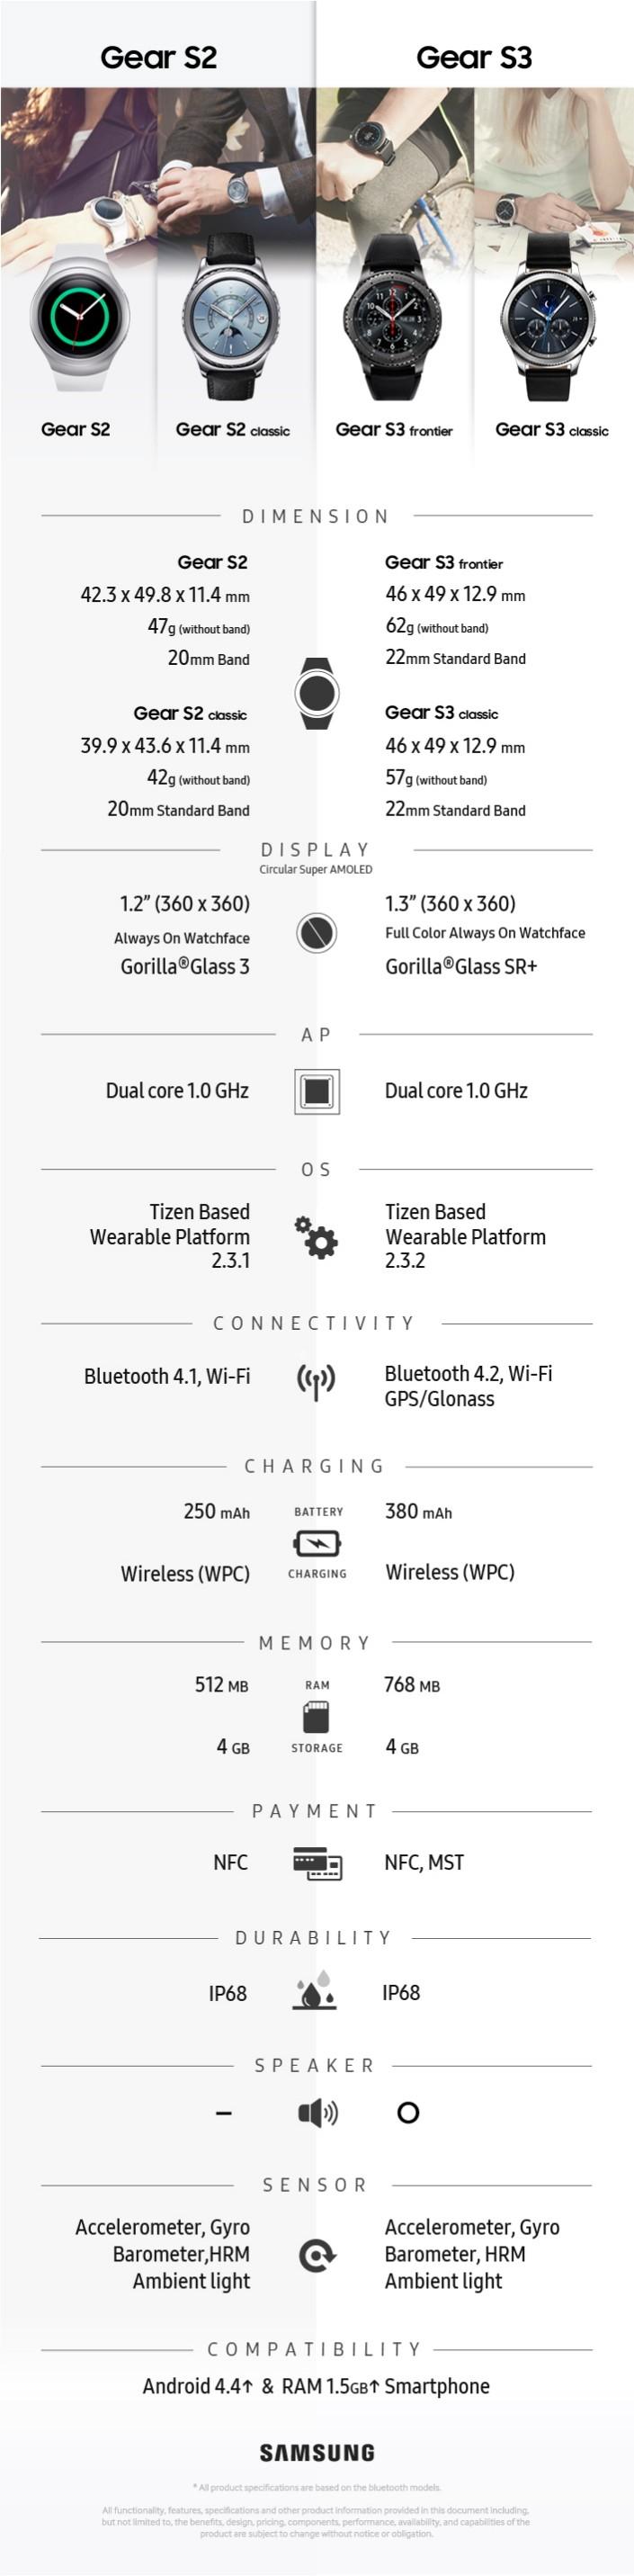 Samsung Gear S3 ve Gear S2 arasındaki farklar!